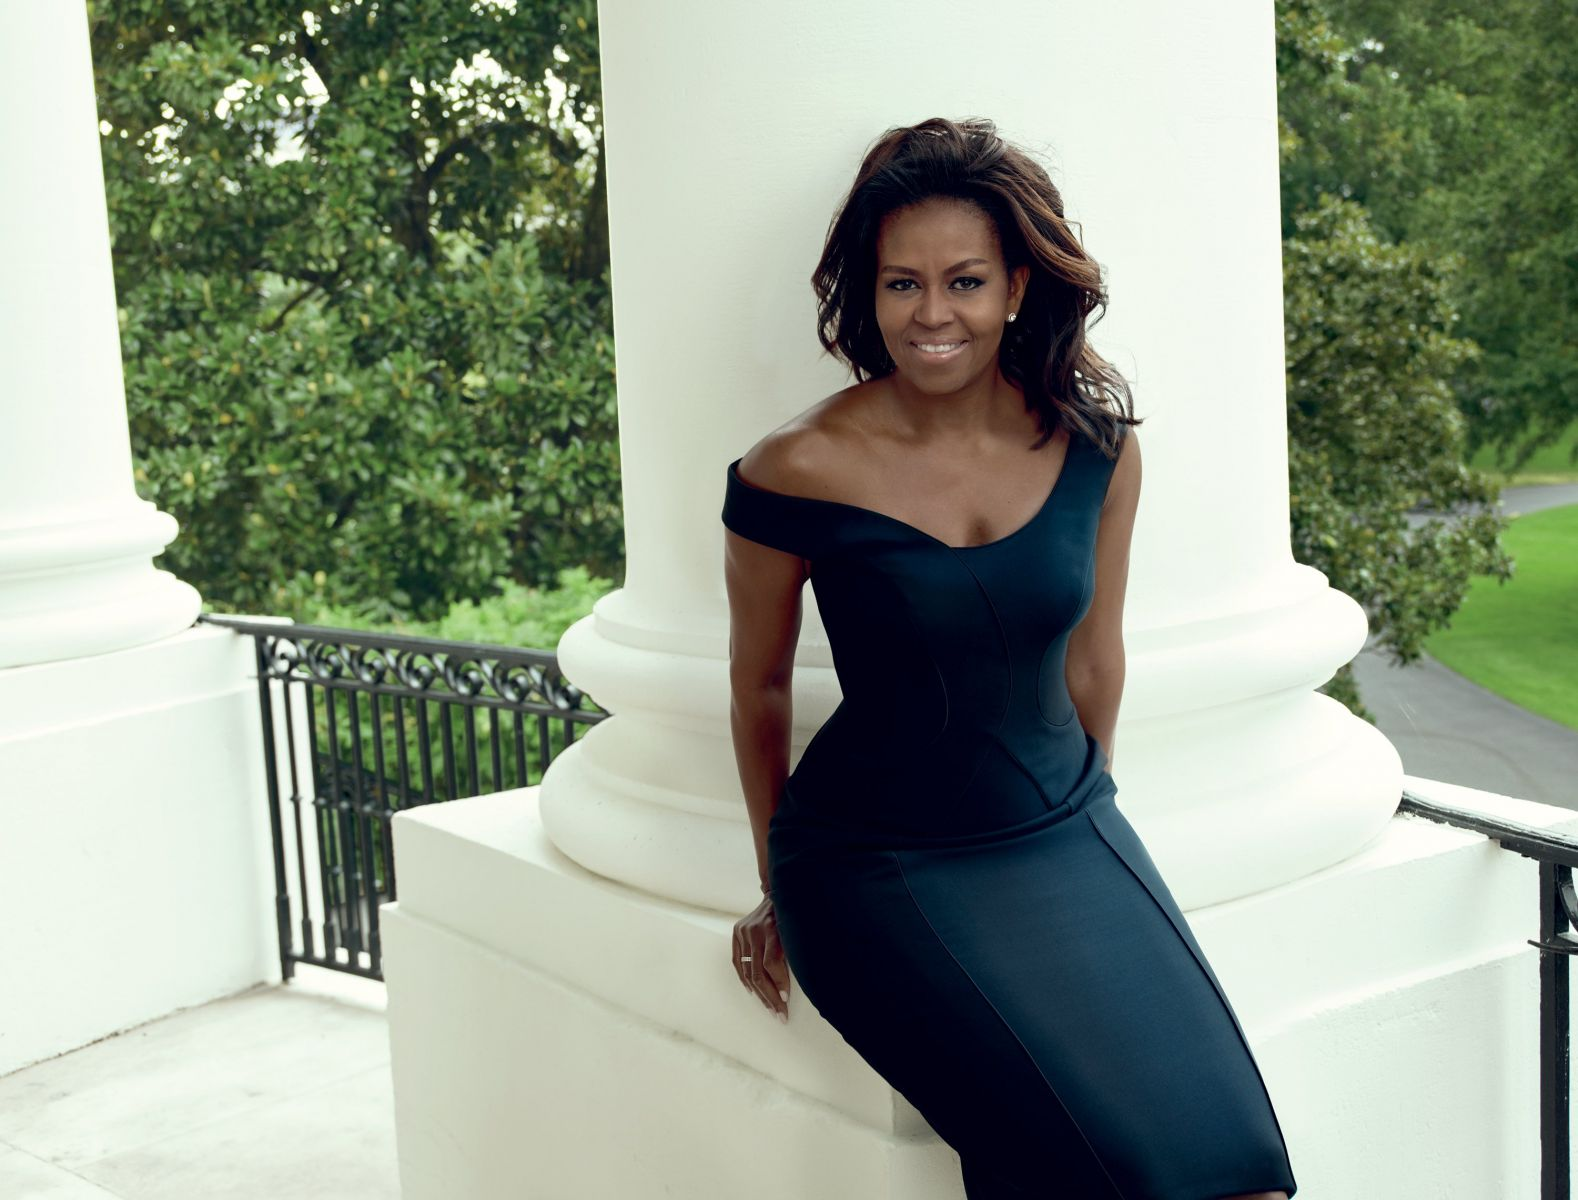 """Барак Обама о жене: """"Я всегда знал, что Мишель будет невероятной первой леди"""""""